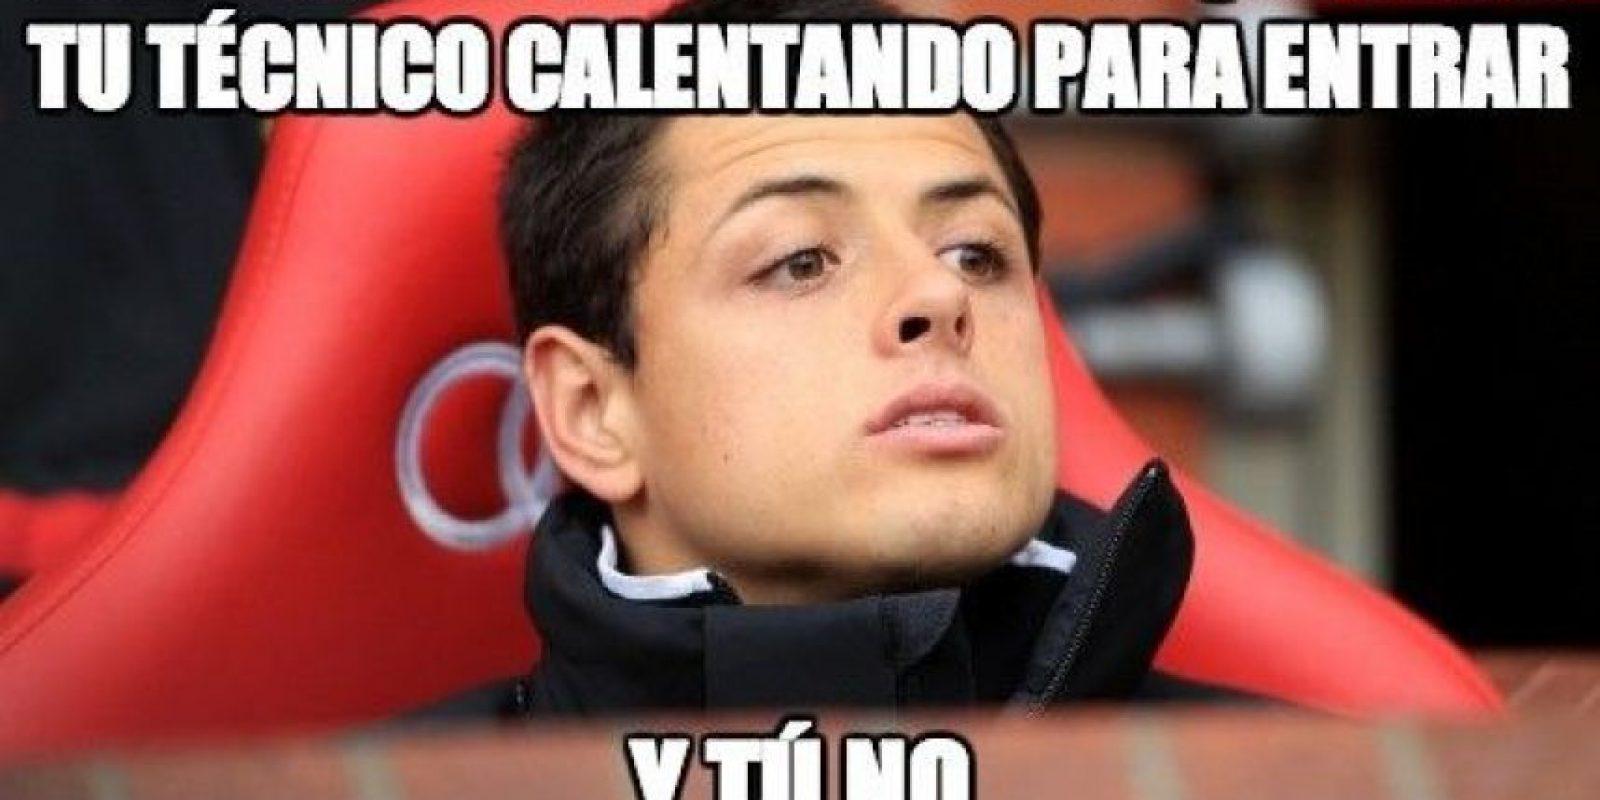 Sí, cuando Ryan Giggs prefirió entrar él antes que darle lugar al mexicano. Foto:memedeportes.com